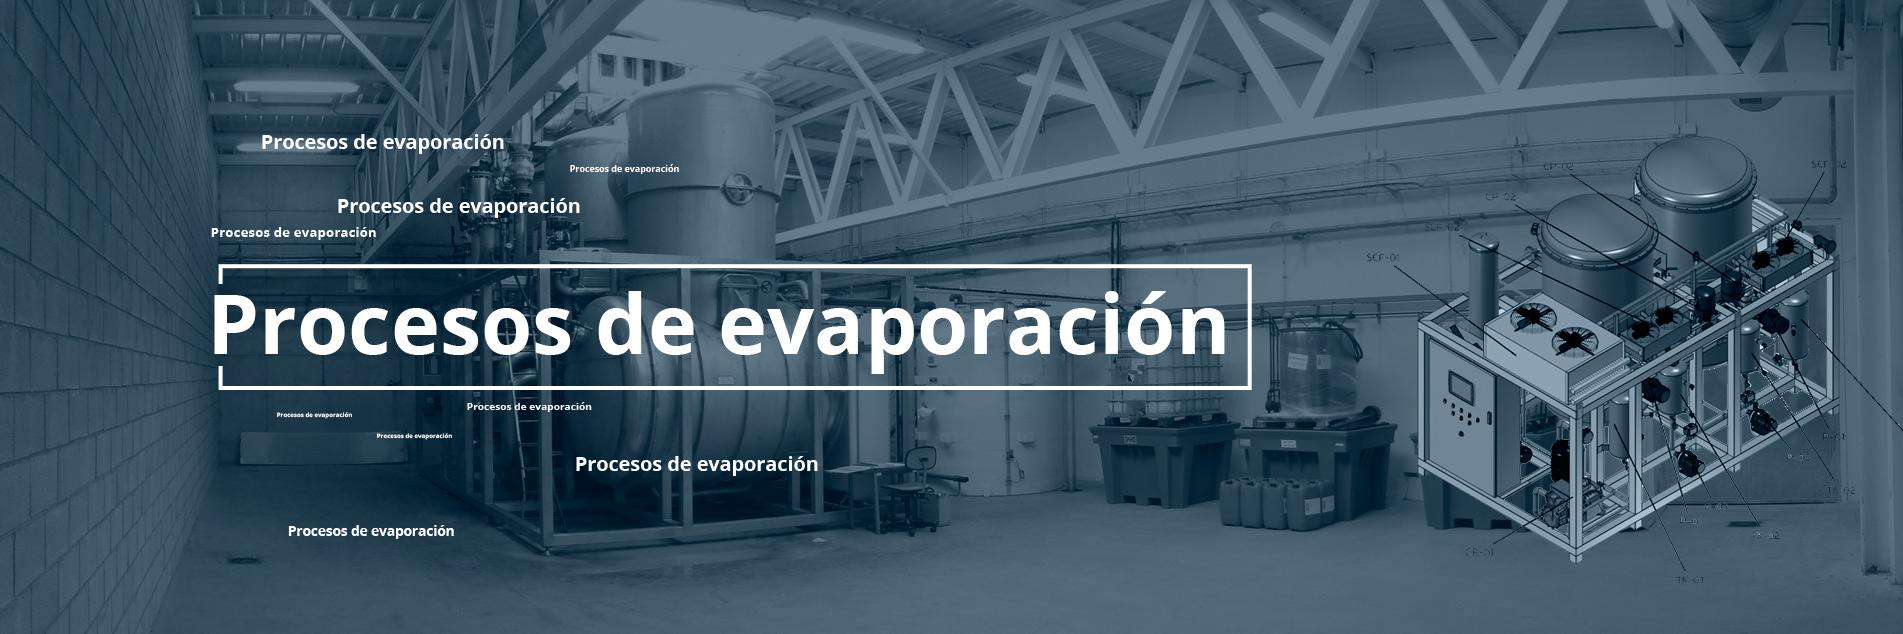 procesos-de-evaporacion